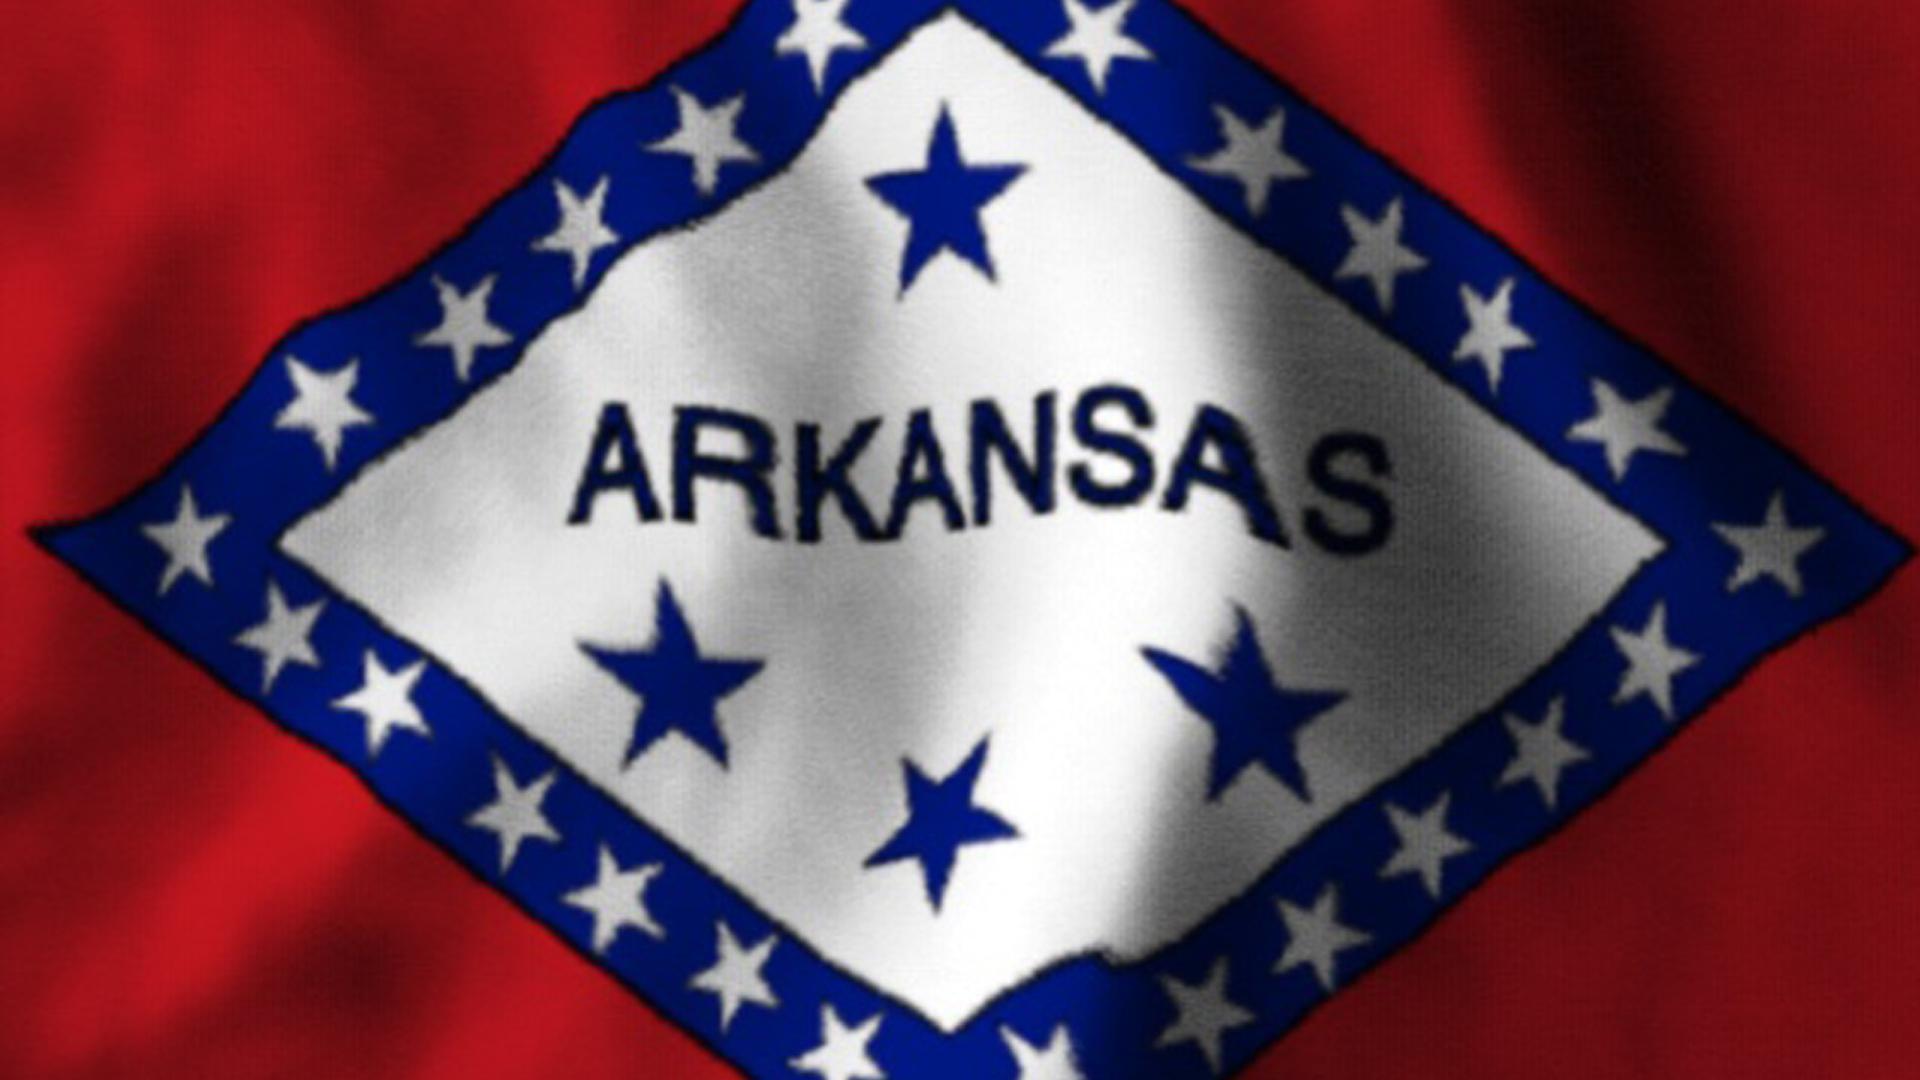 arkansas flag_1473544855058.jpg